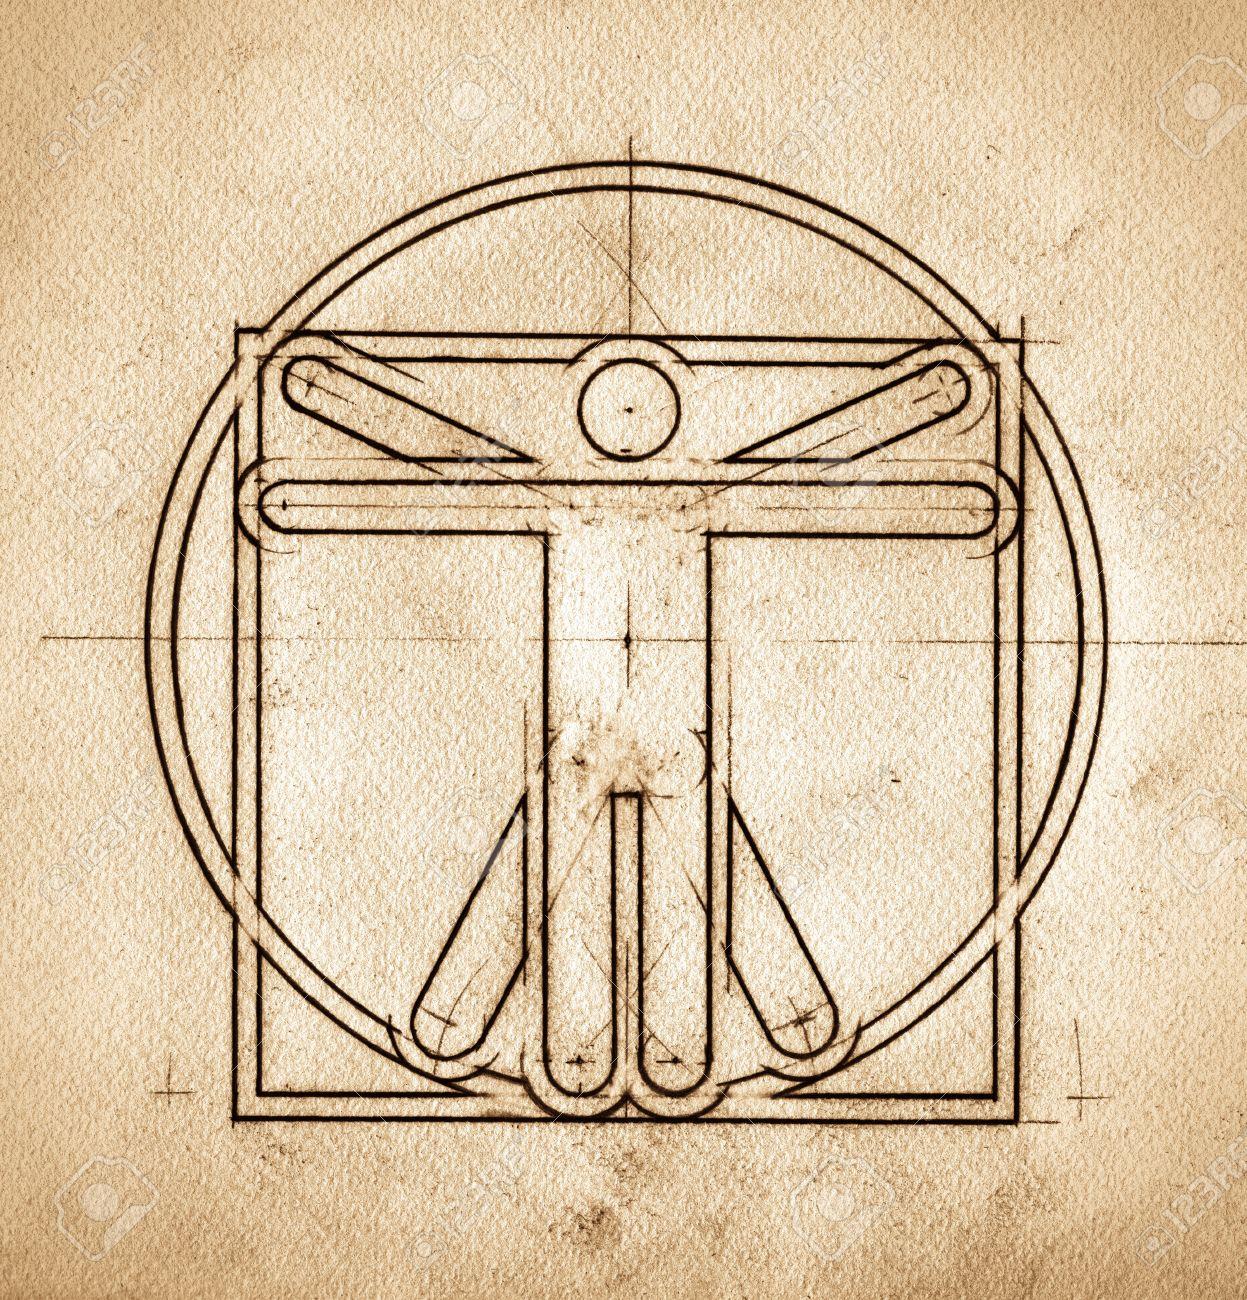 Grunge technischen minimalistisches Design imitiert Leonardo da Vinci Vitruvian Man Standard-Bild - 18537210